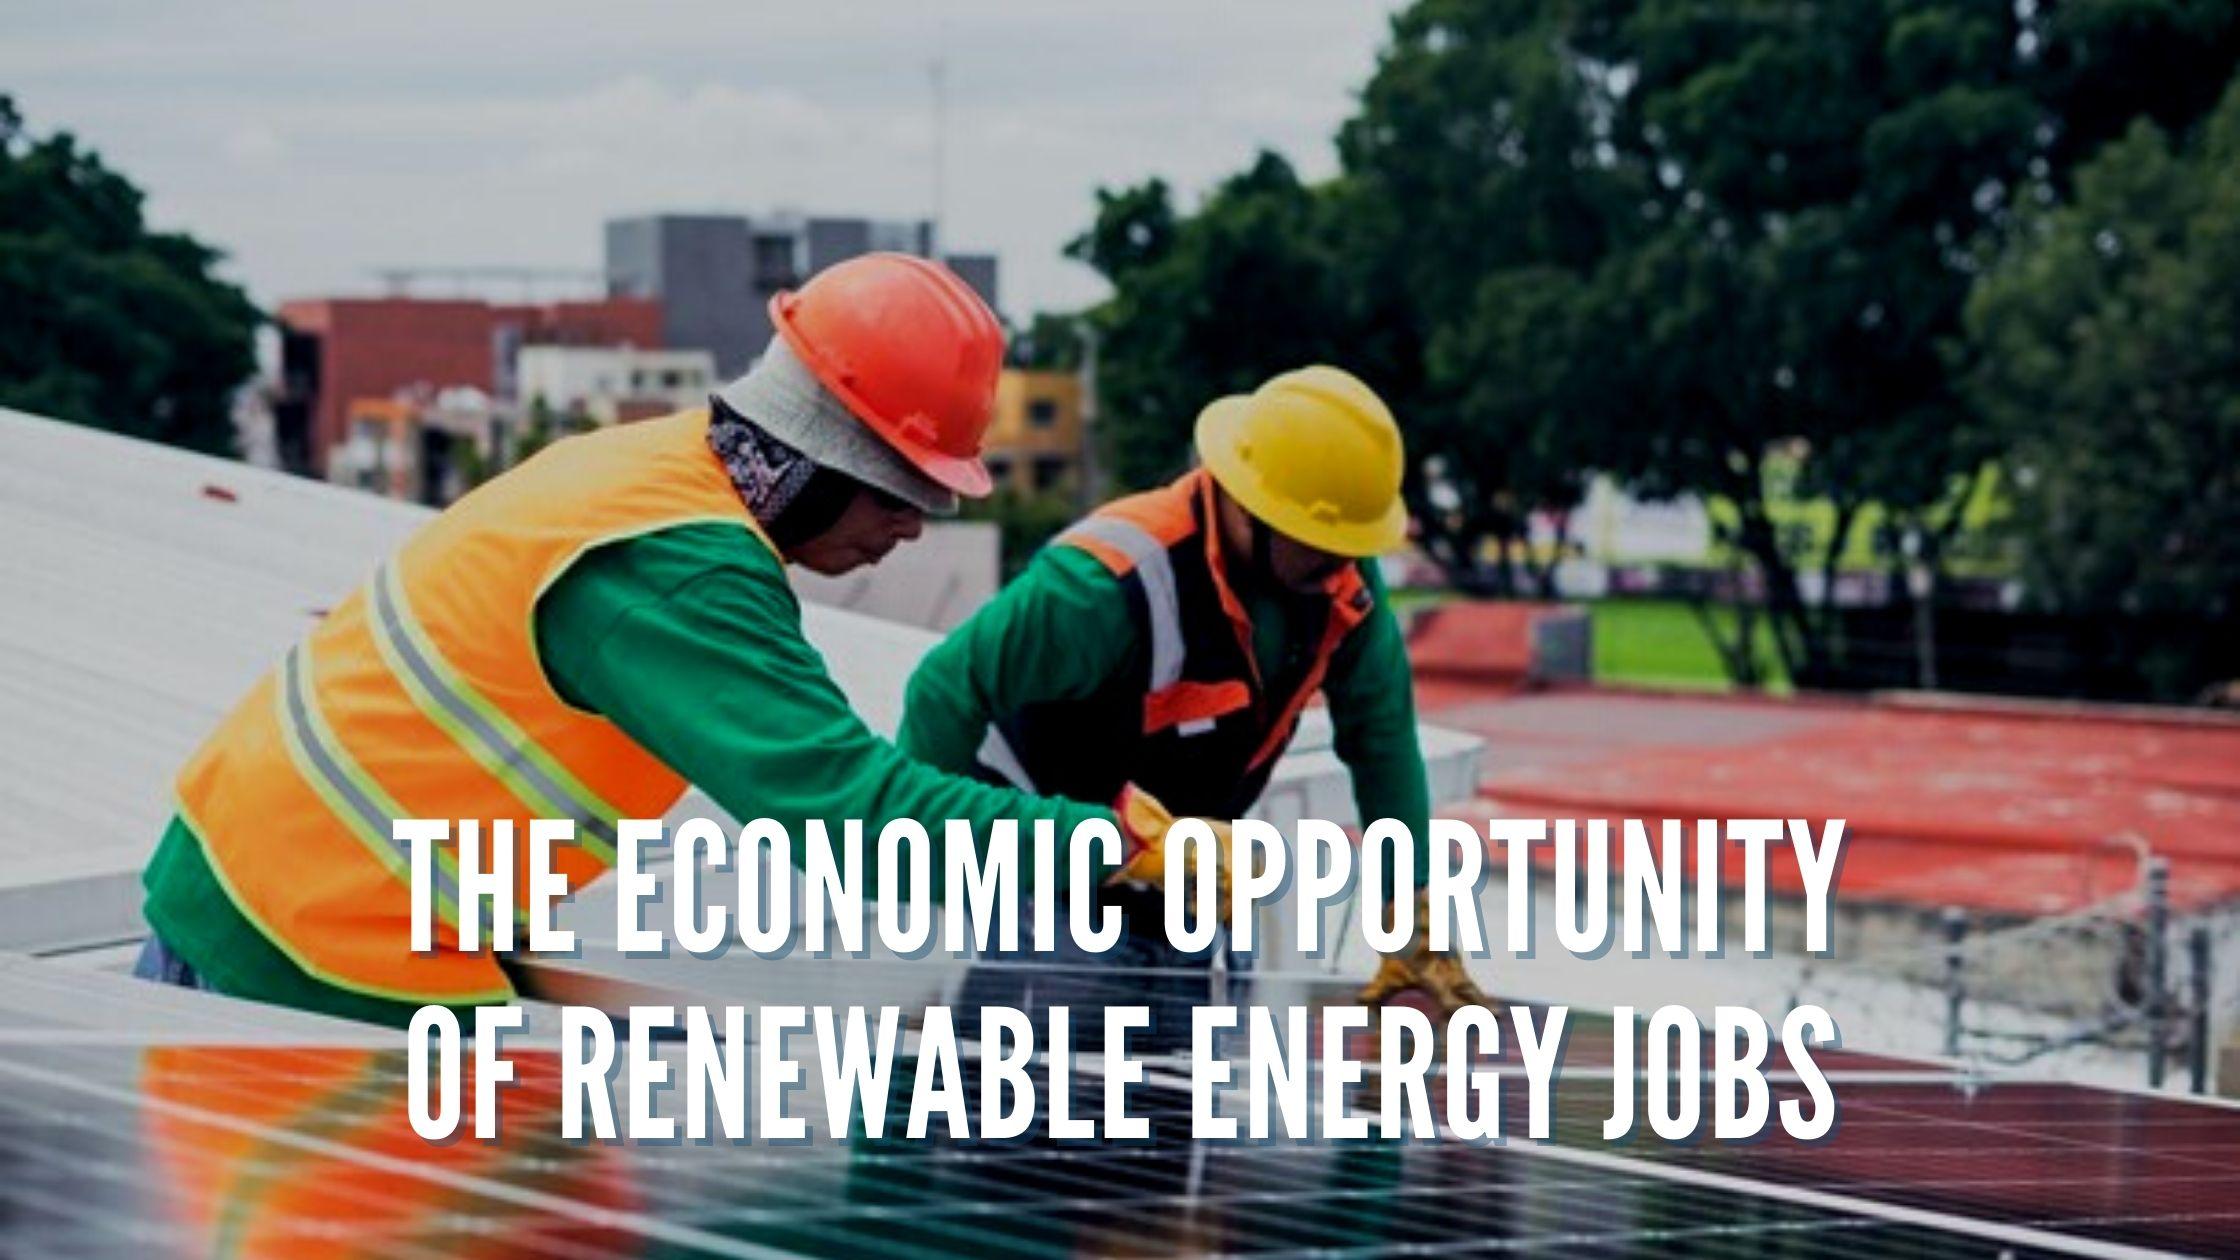 The Economic Opportunity of Renewable Energy Jobs